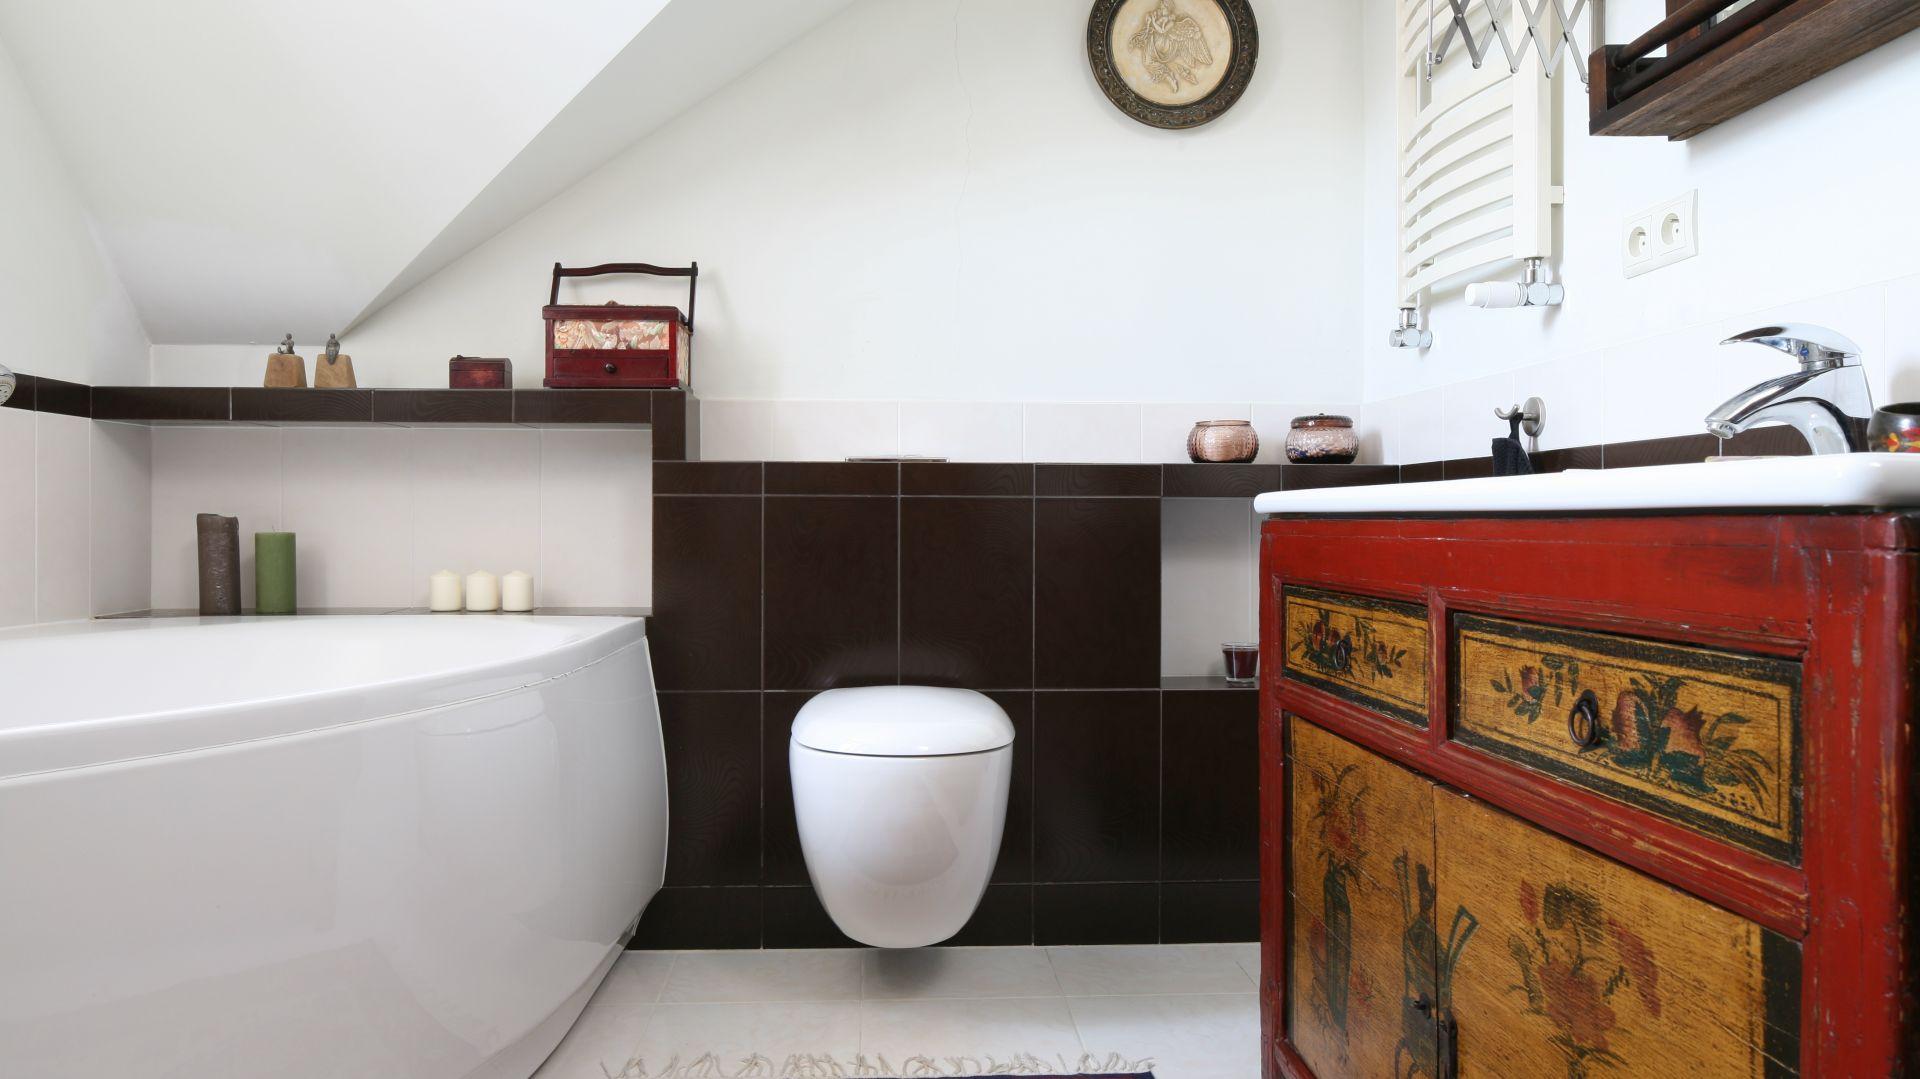 Łazienka na piętrze domu, pod skosami dachowymi, to wnętrze zaprojektowane dla całej rodziny. Szafka podumywalkowa to mebel kupiony w sklepie ze starociami. Fot. Bartosz Jarosz